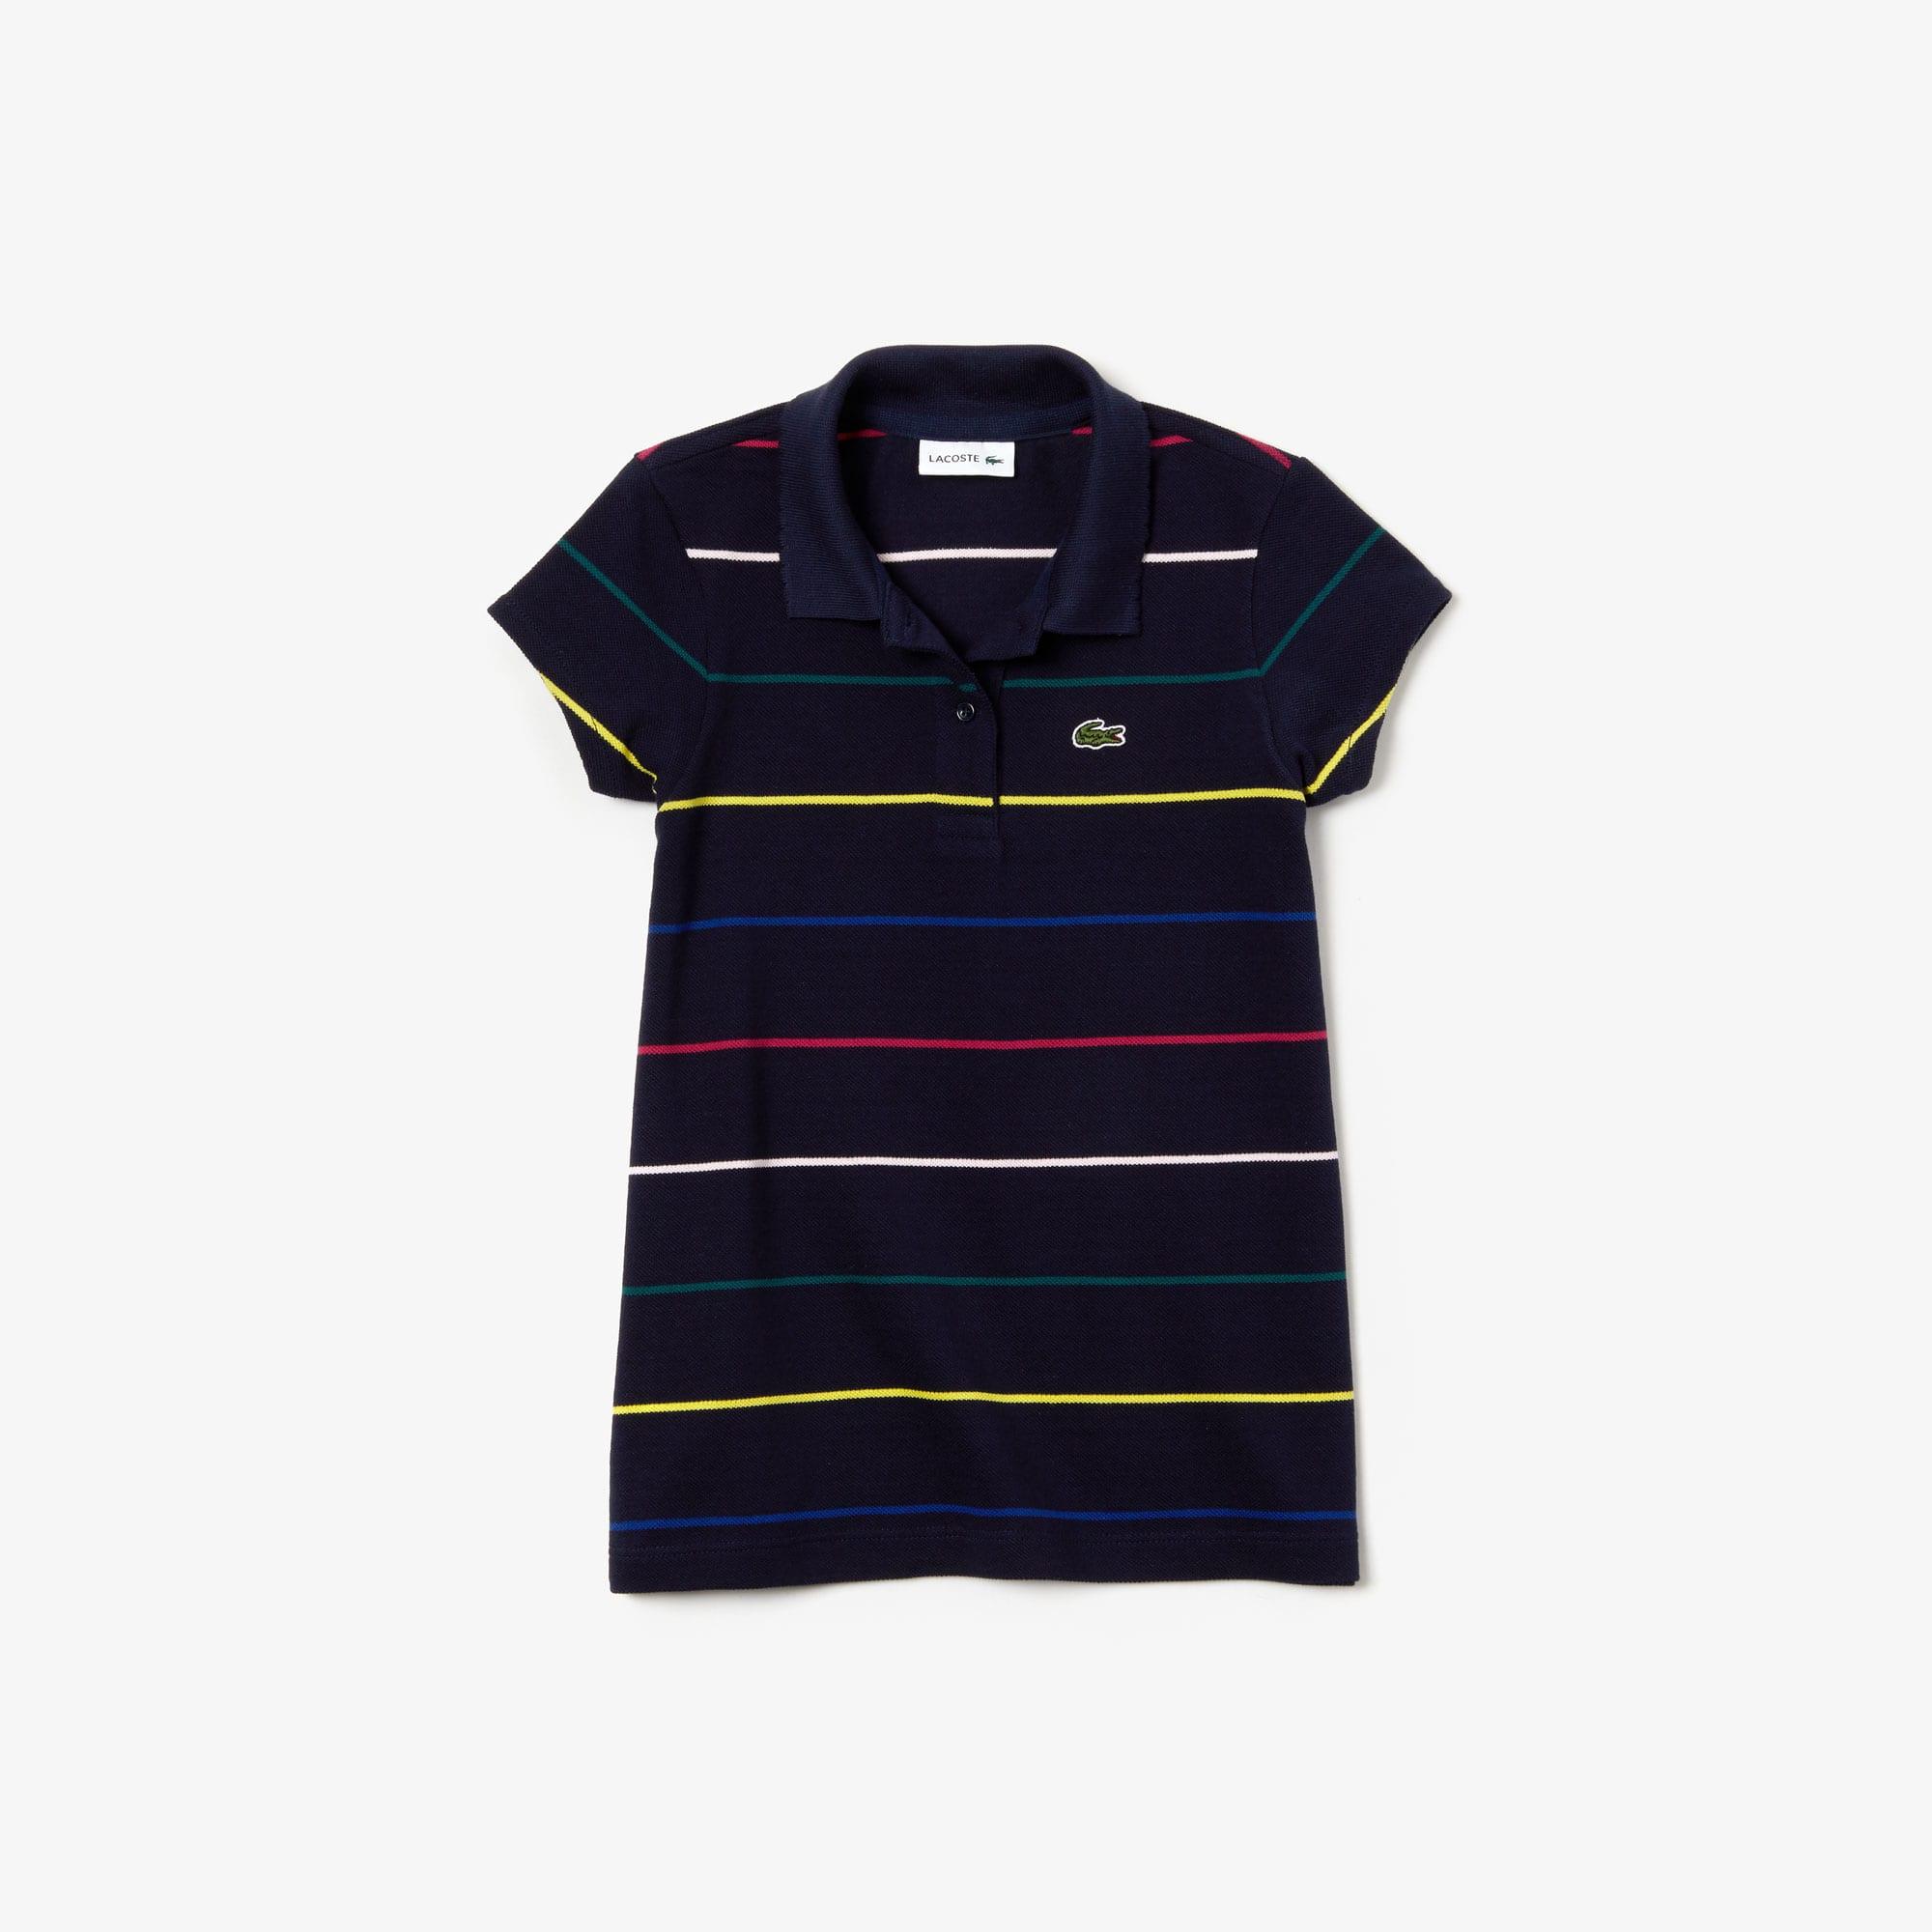 Piqué Shirt Lacoste Coloured Girls' Pinstripes Polo Cotton nv0mO8wN